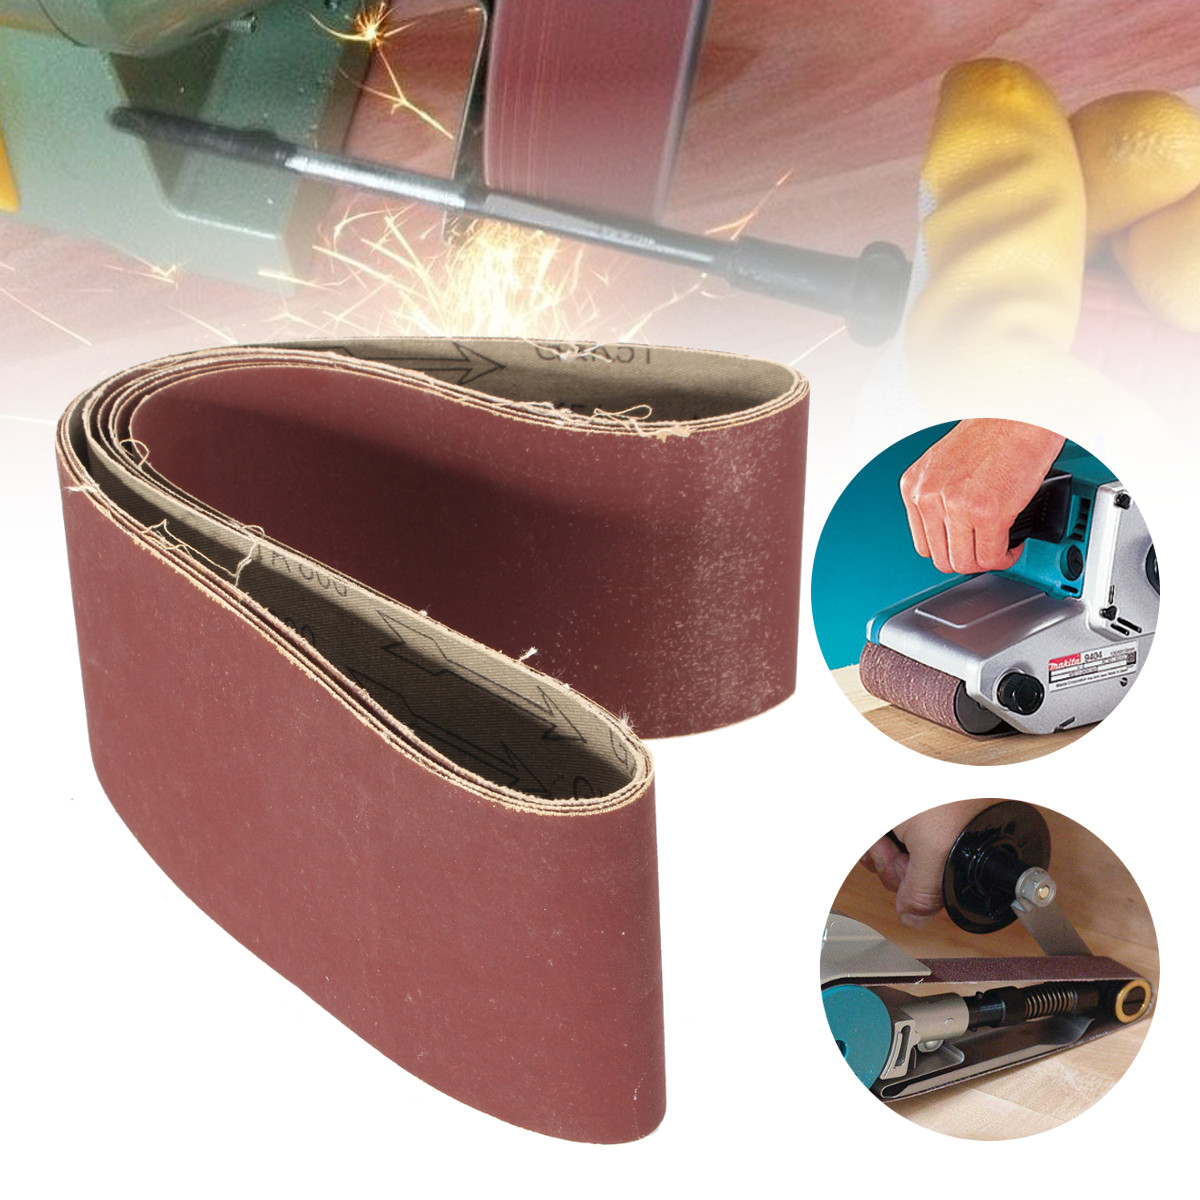 5Pcs Sanding Belts Grinding Polishing Aluminum Oxide Abrasive Sanding Belts 800 Grit Sander Machine File Belt Set Abrasive Tools